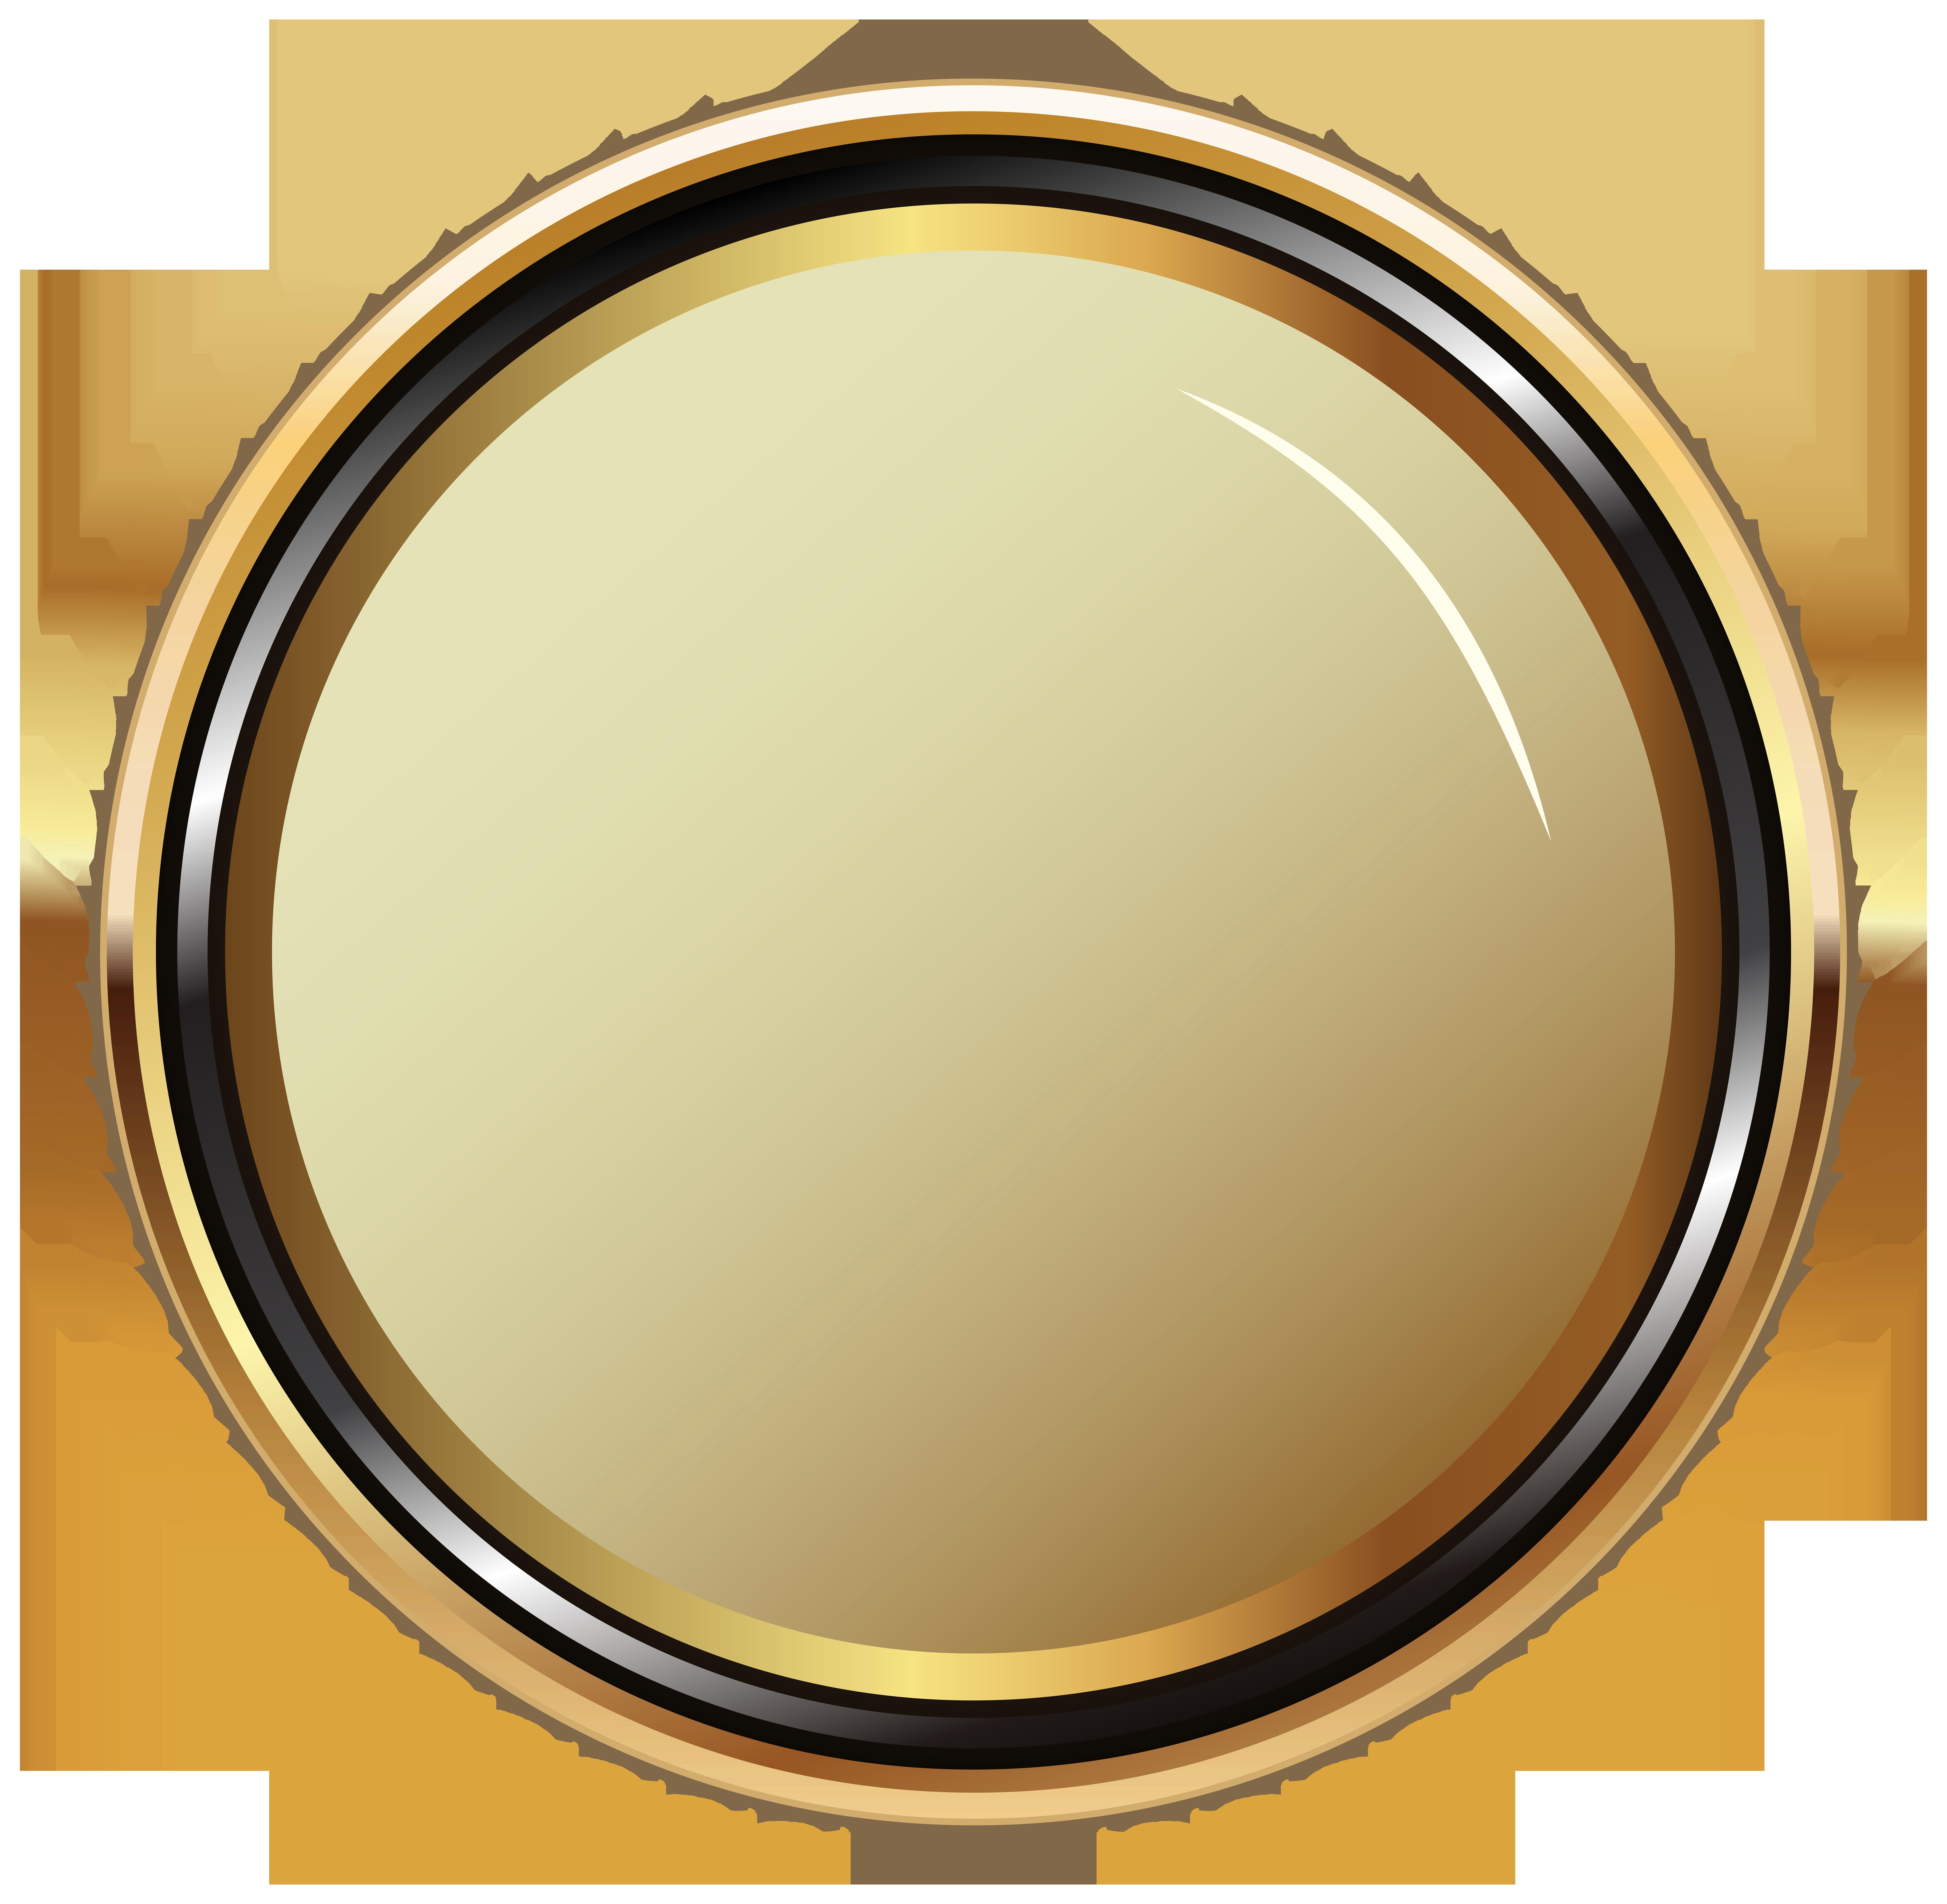 Gold Oval Badge Transparent PNG Clip Art Image.